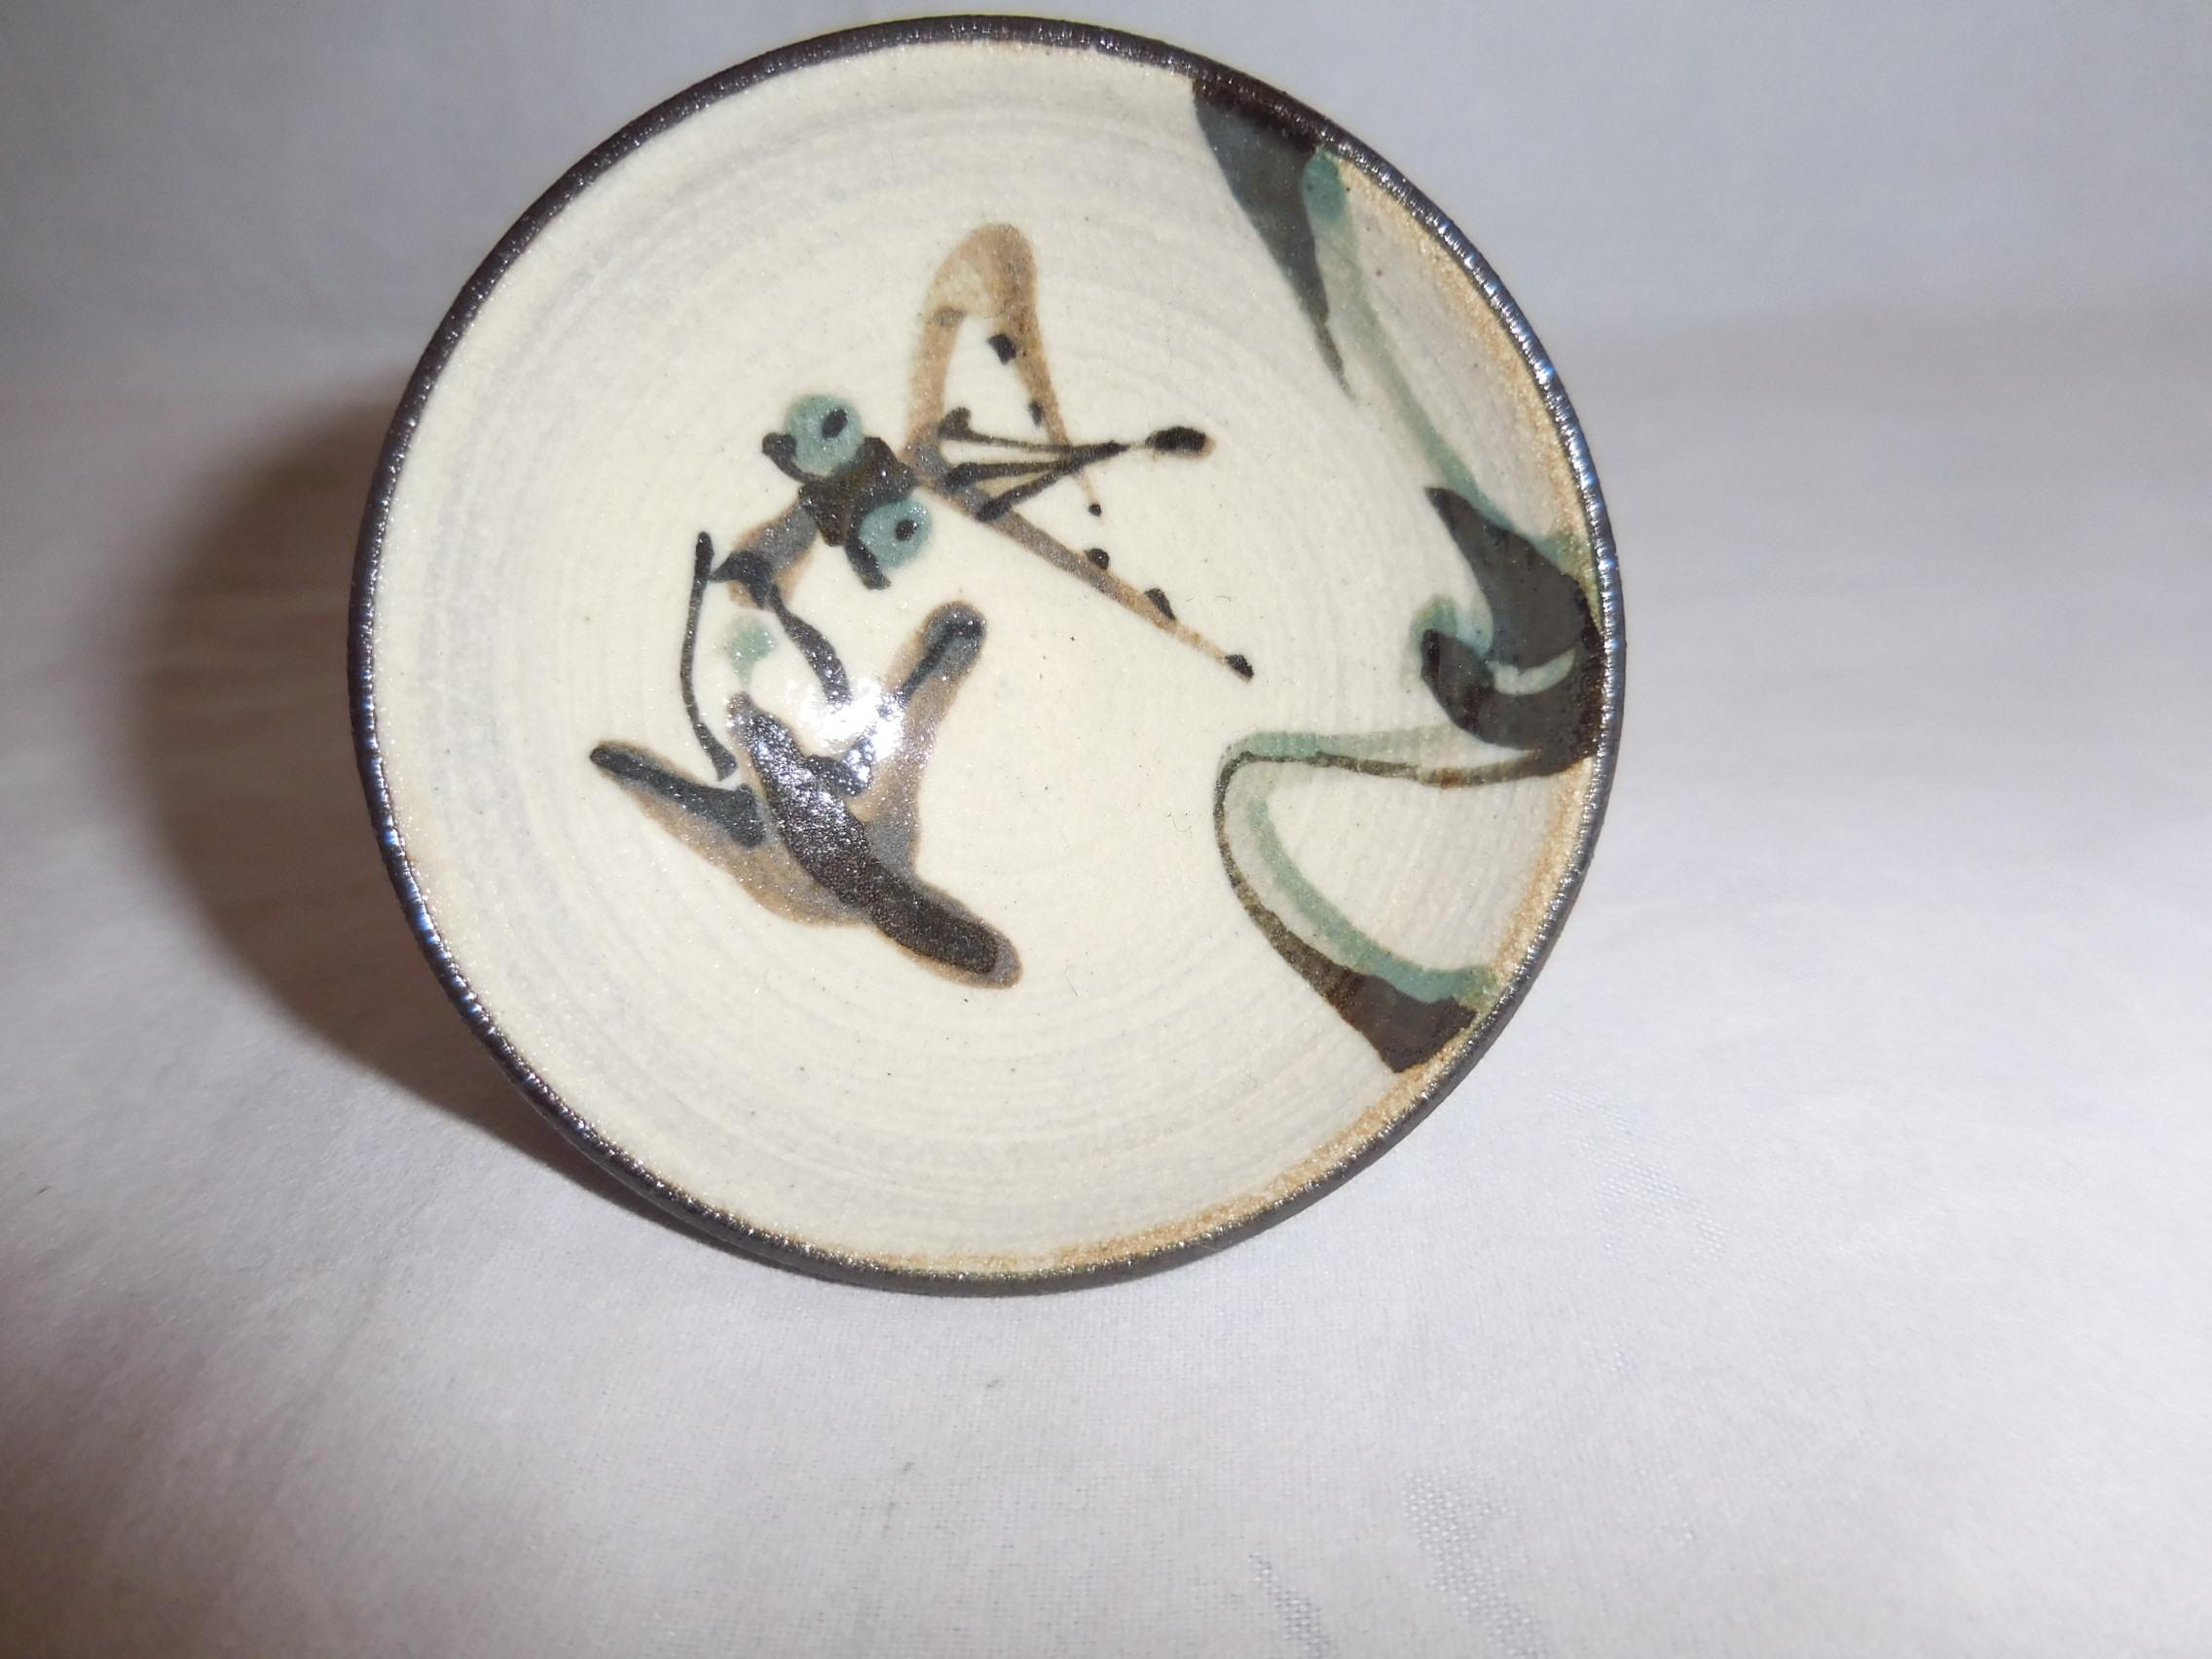 鳥と船絵盃 pottery sake one cup